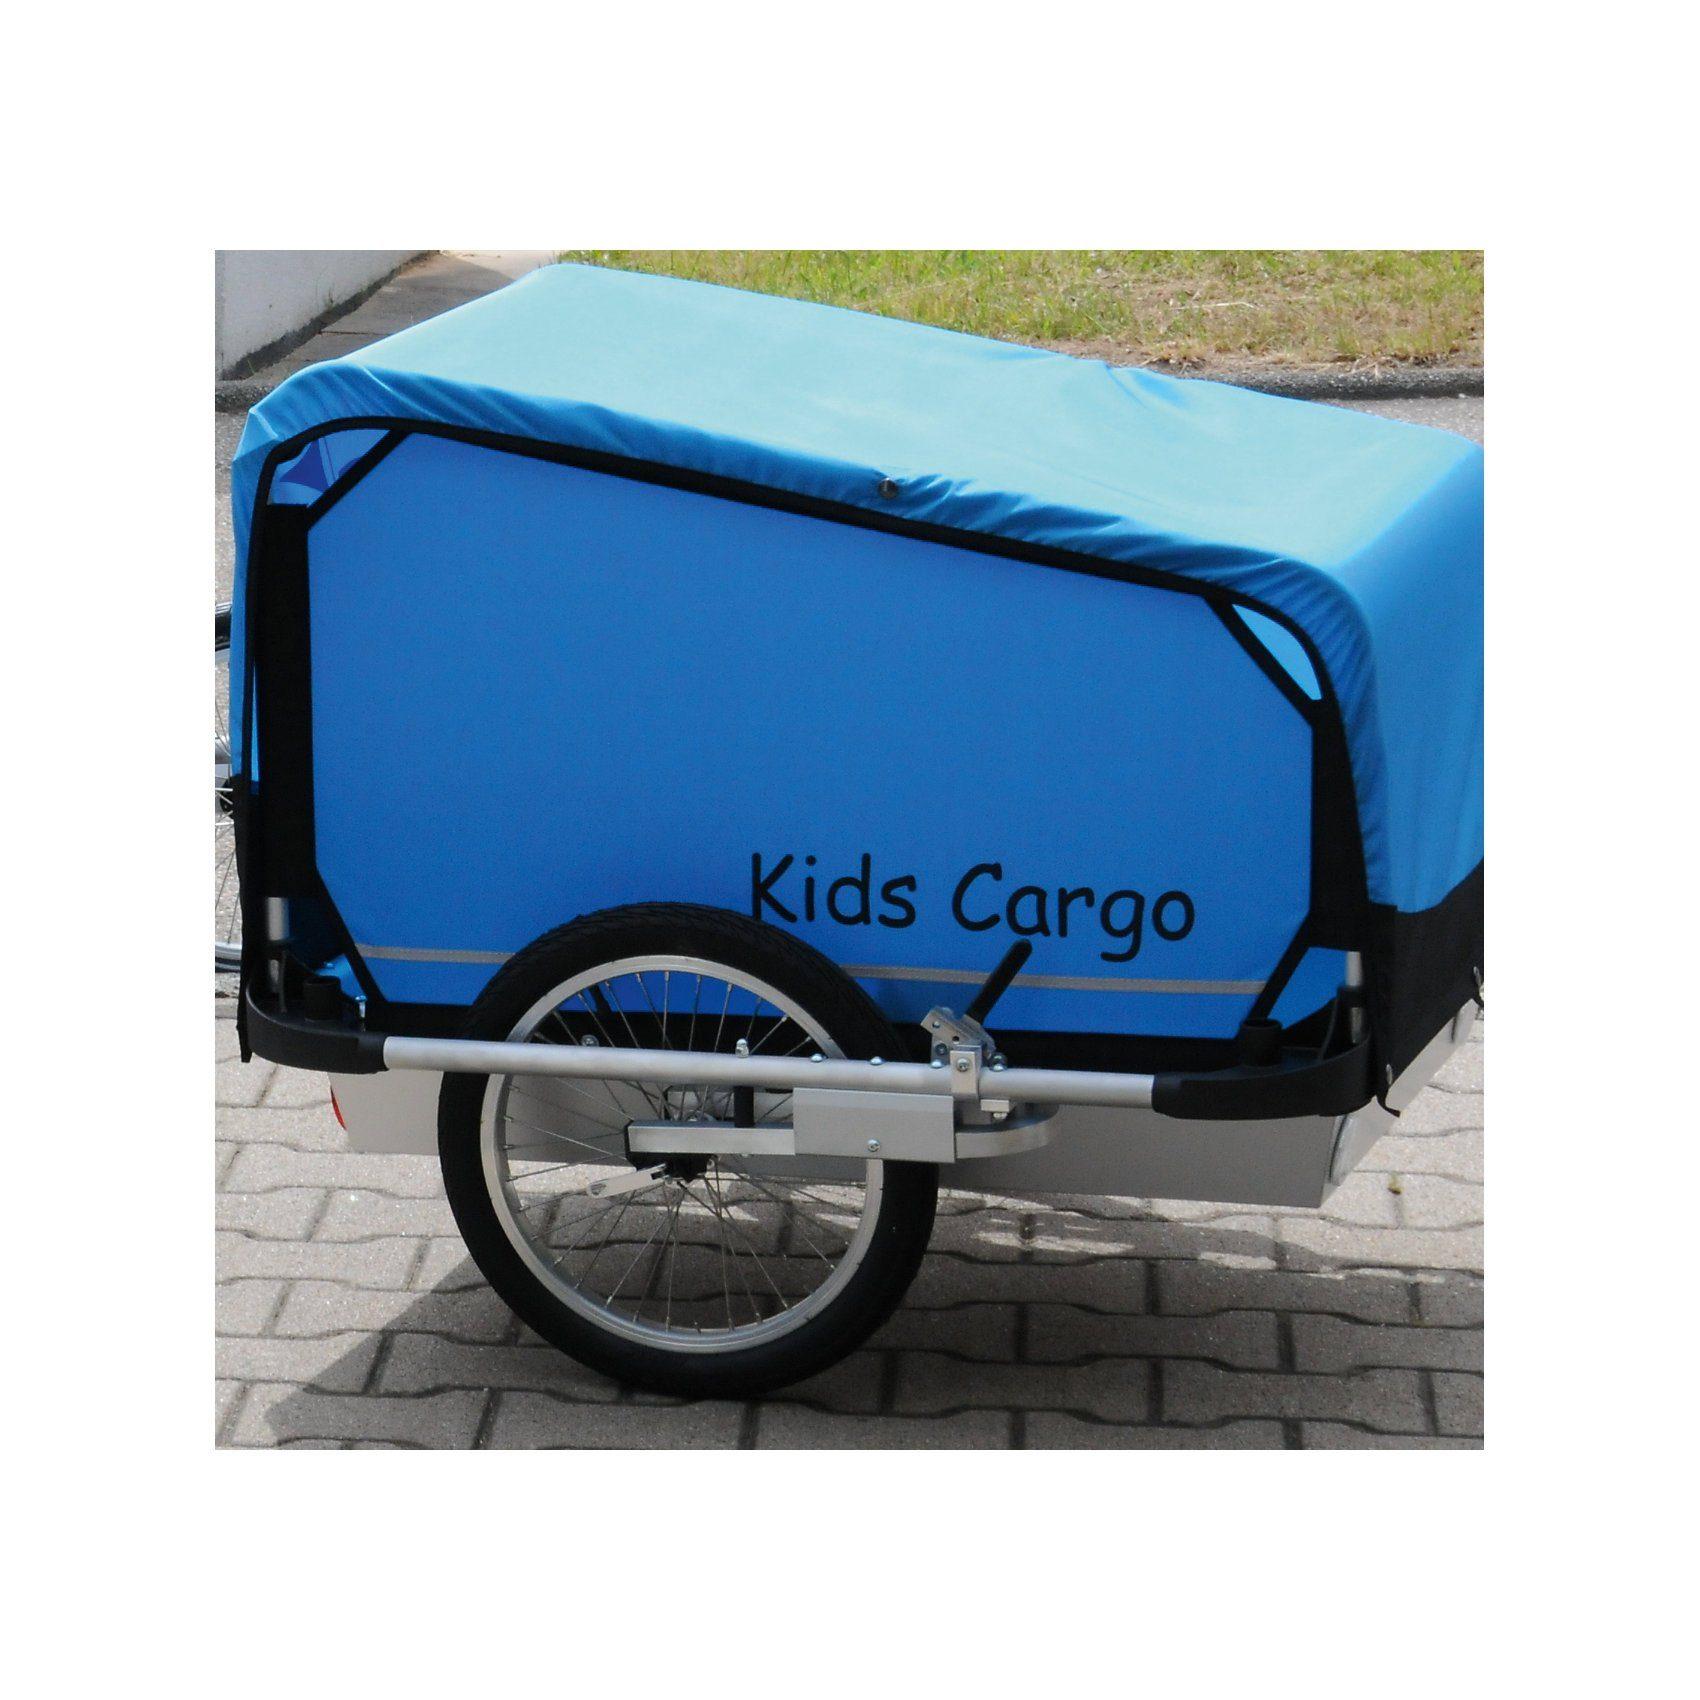 Kids Touring Fahrradanhänger KidsCargo M, blau